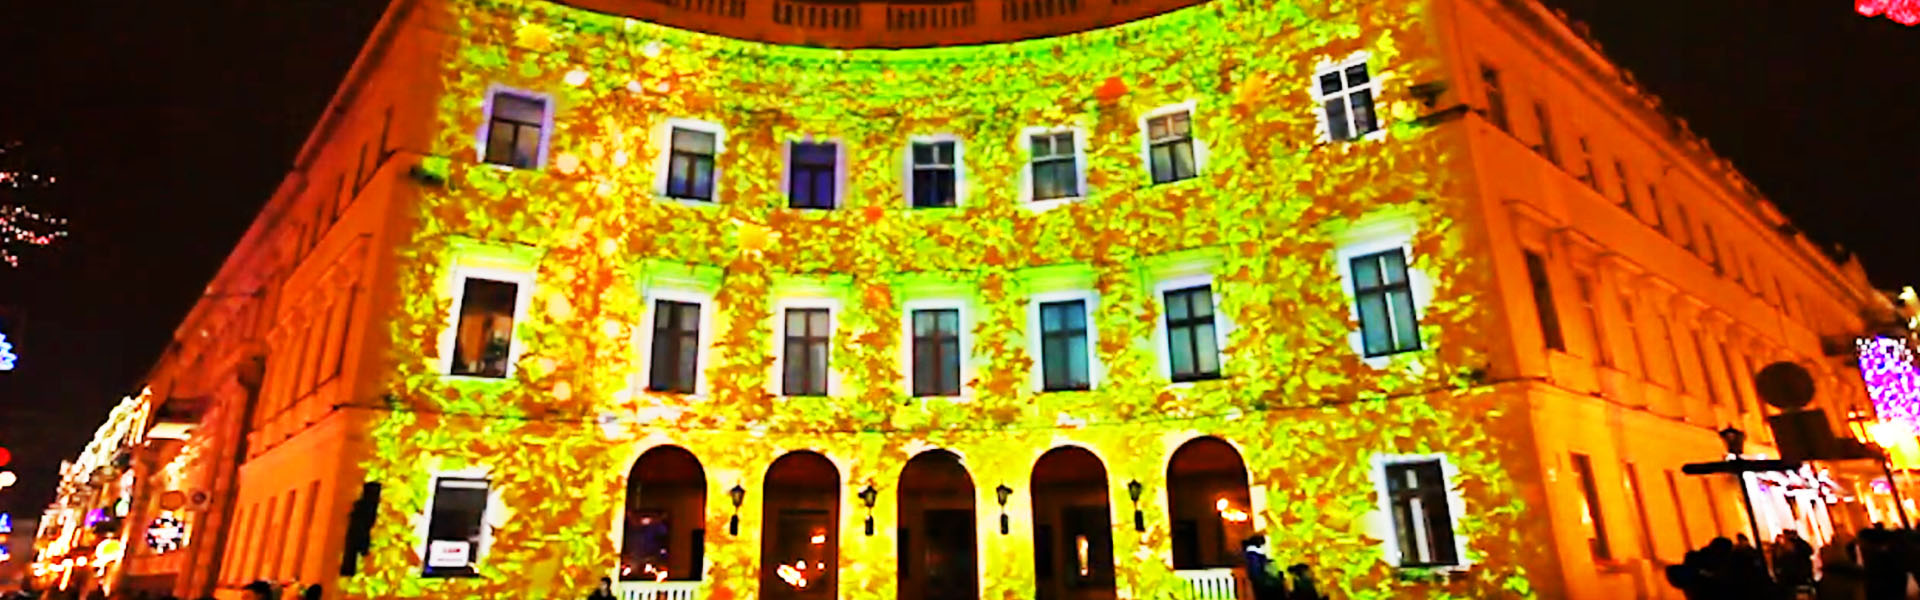 Новогоднее 3D шоу на фасаде театра оперы и балета в Киеве и Приморском бульваре в Одессе, LC.UA